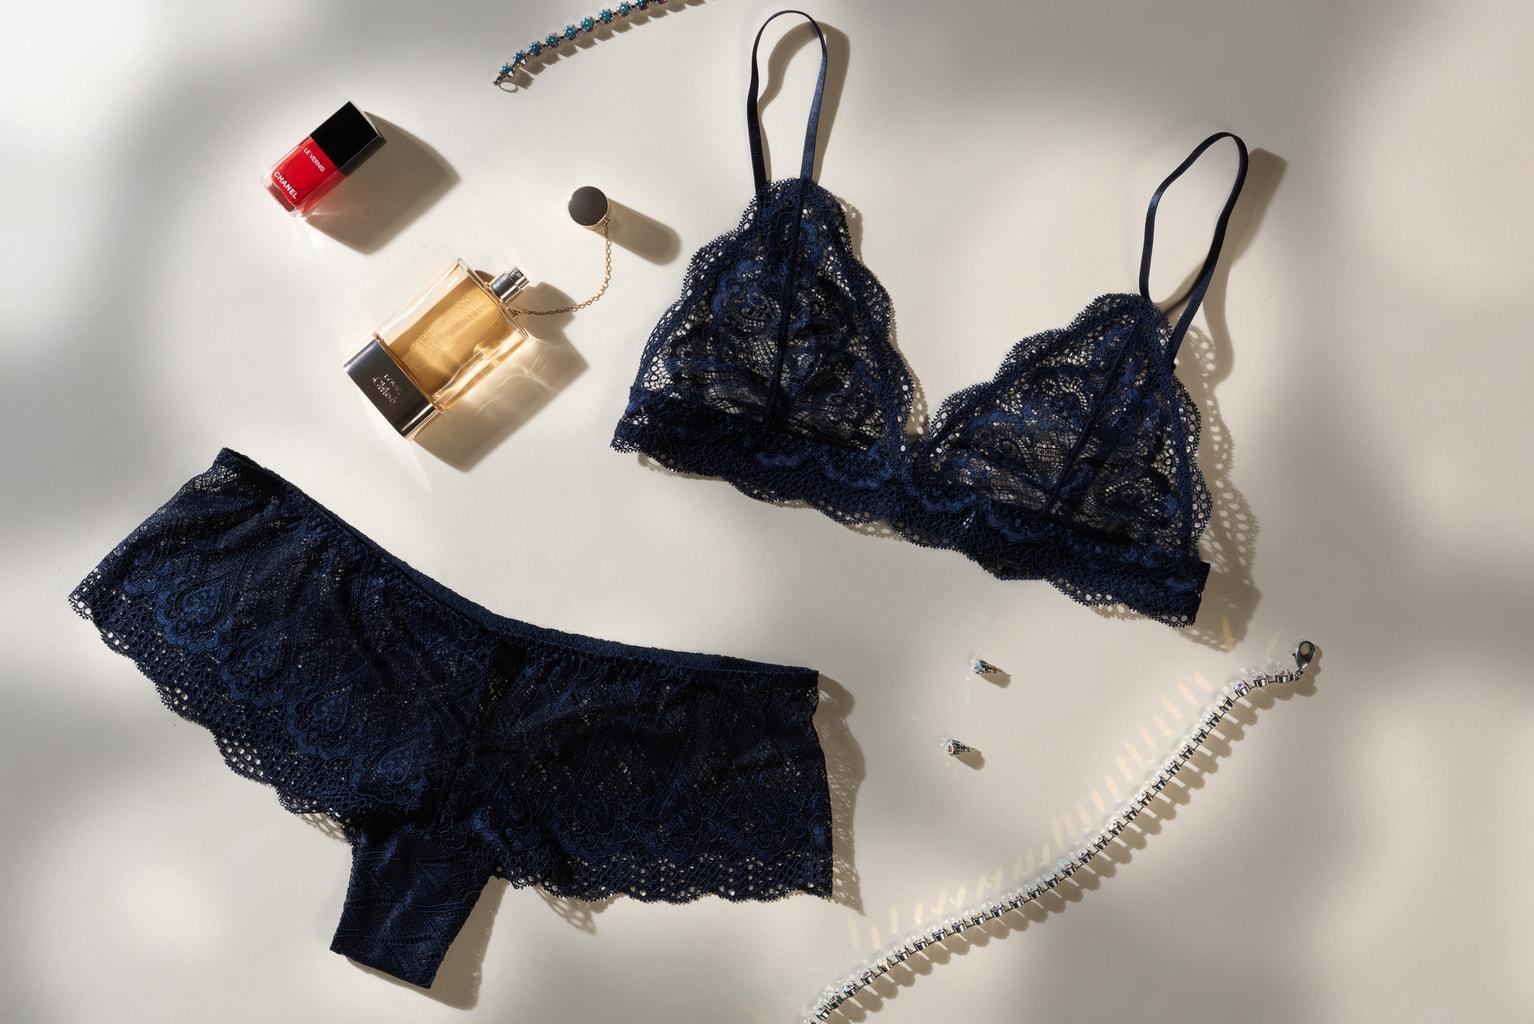 productfotografie sfeer lingerie2 02 - Sfeerfotografie